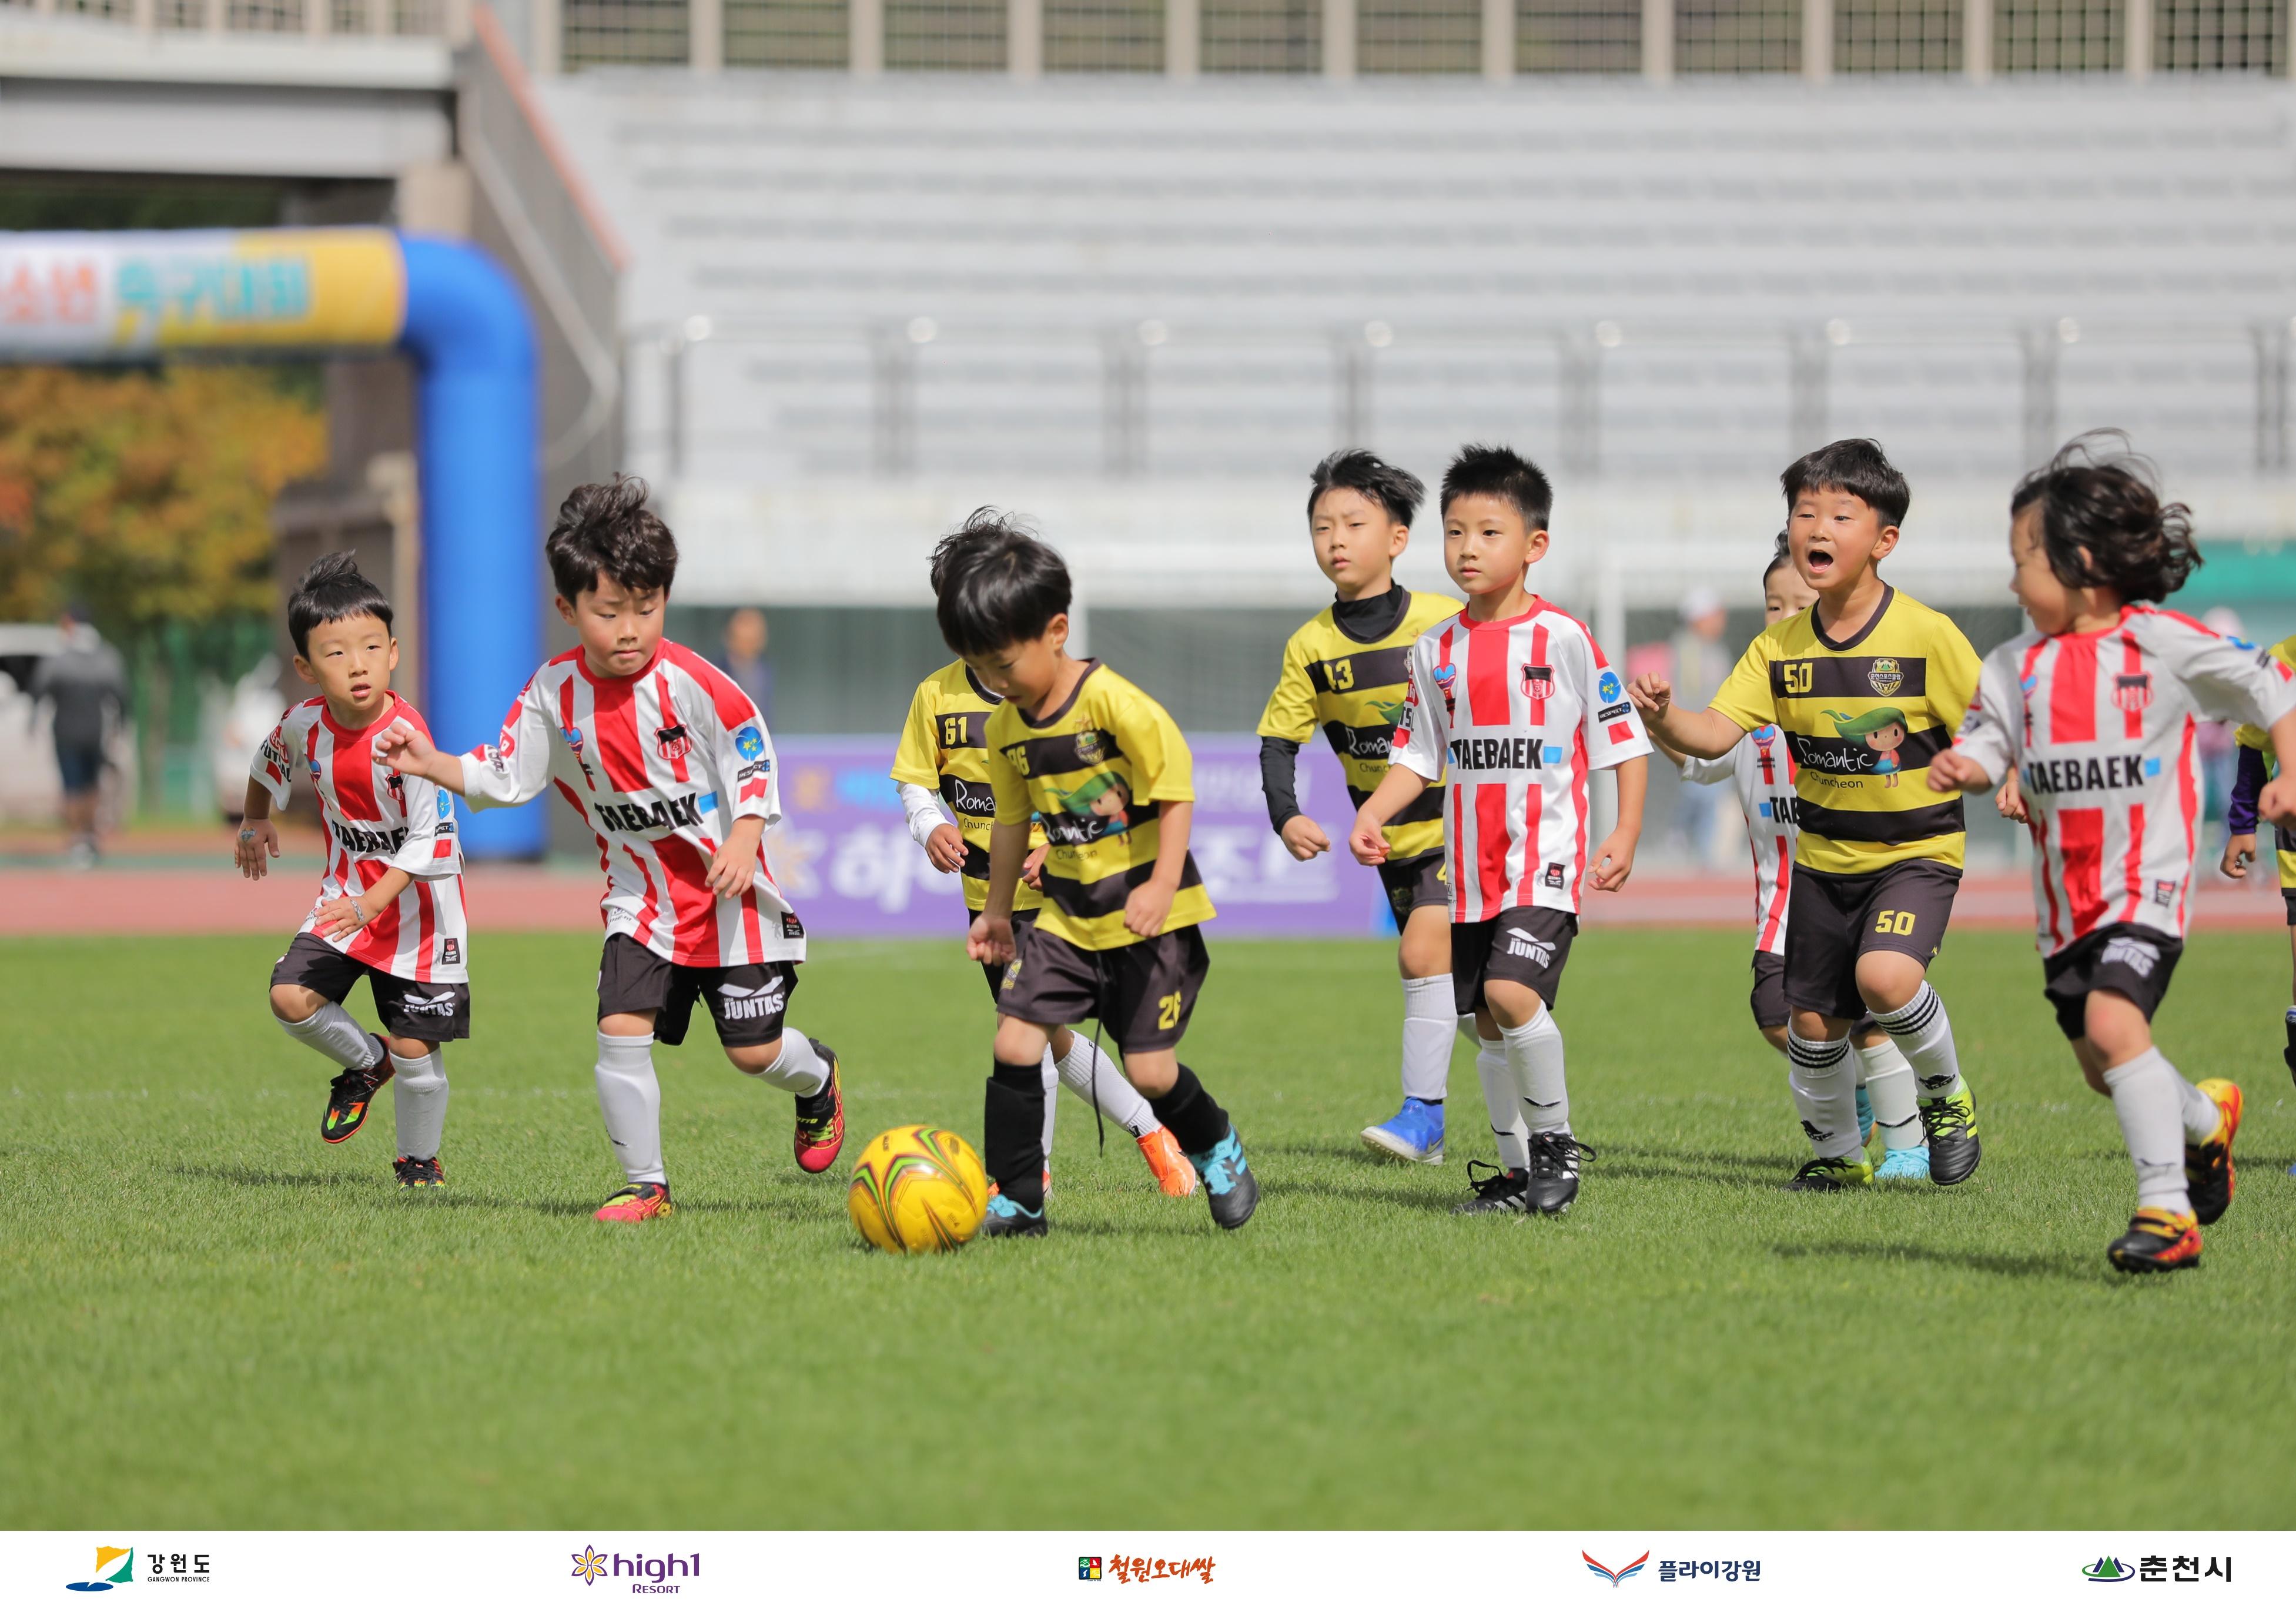 강원FC, '제1회 강원FC 유소년 축구 대회' 성황리에 마쳐